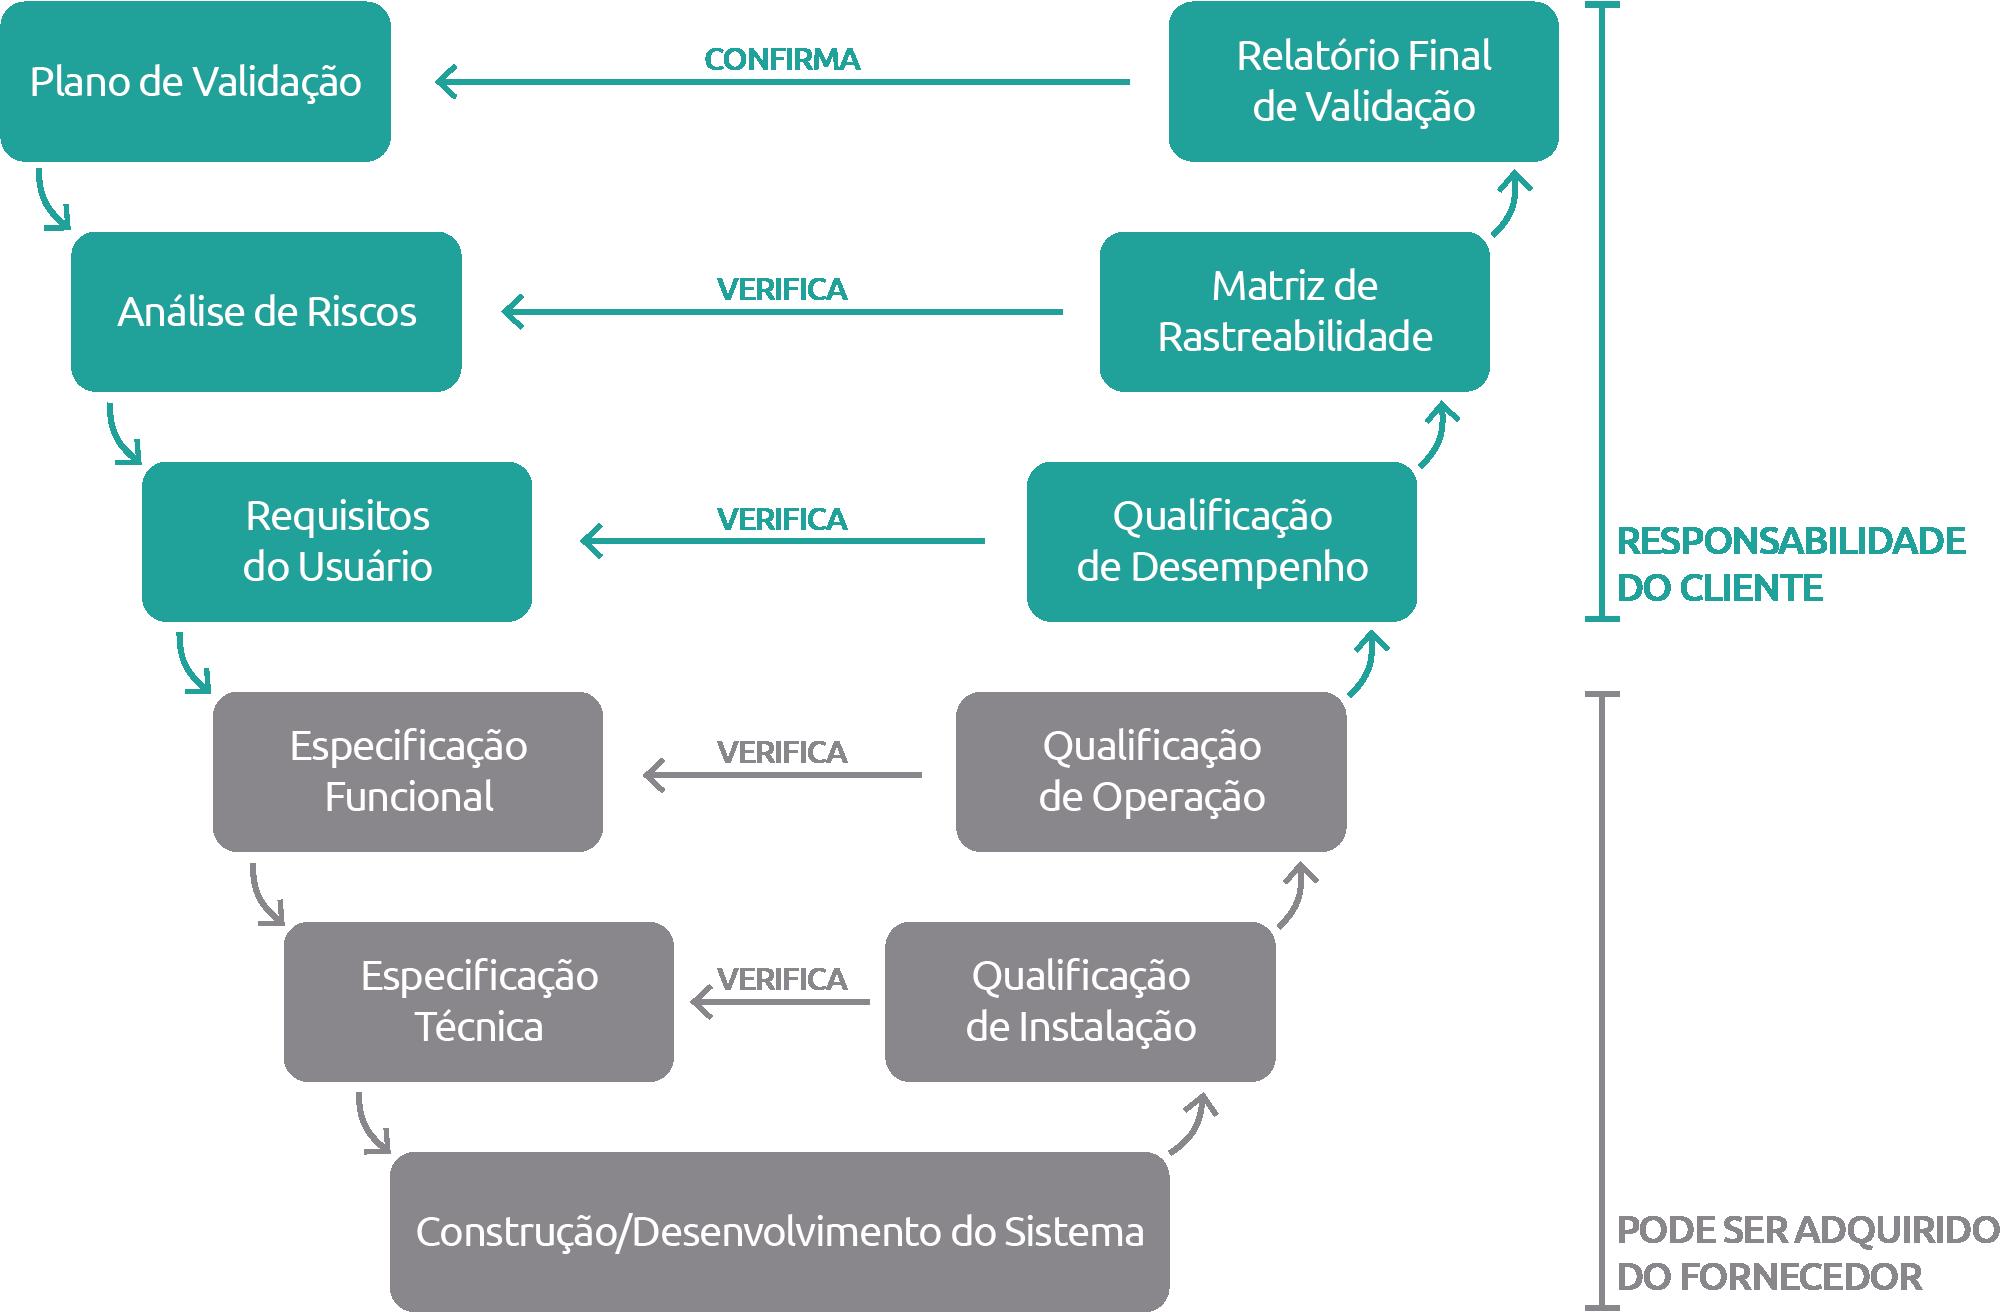 Plano de validação Análise de riscos URS Especificação funcional Hardware design Qualificação de instalação Qualificação de operação Qualificação de desempenho Matriz de rastreabilidade Relatório Final